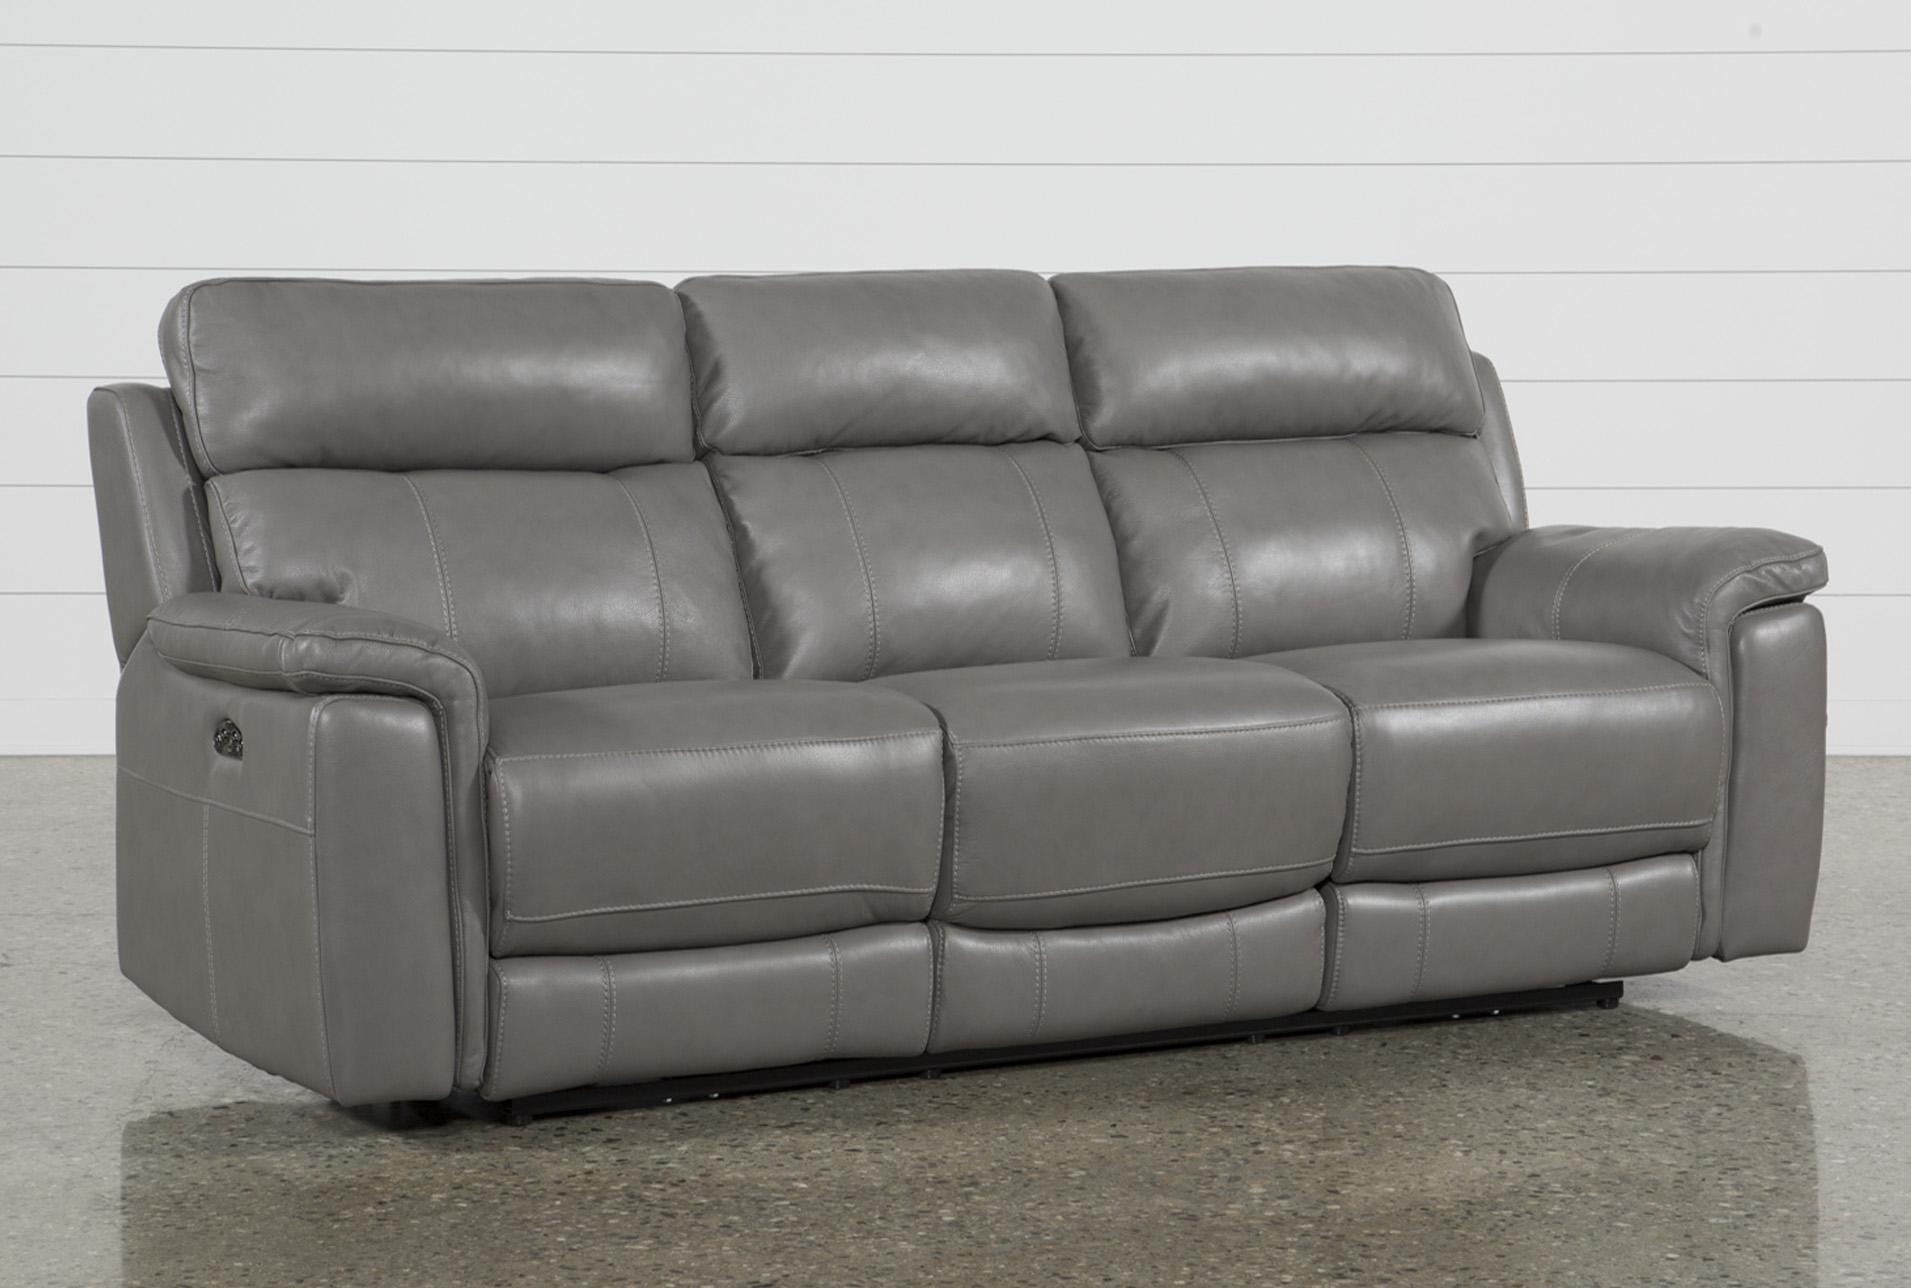 Dino Grey Leather Power Reclining Sofa W/Power Headrest & Usb